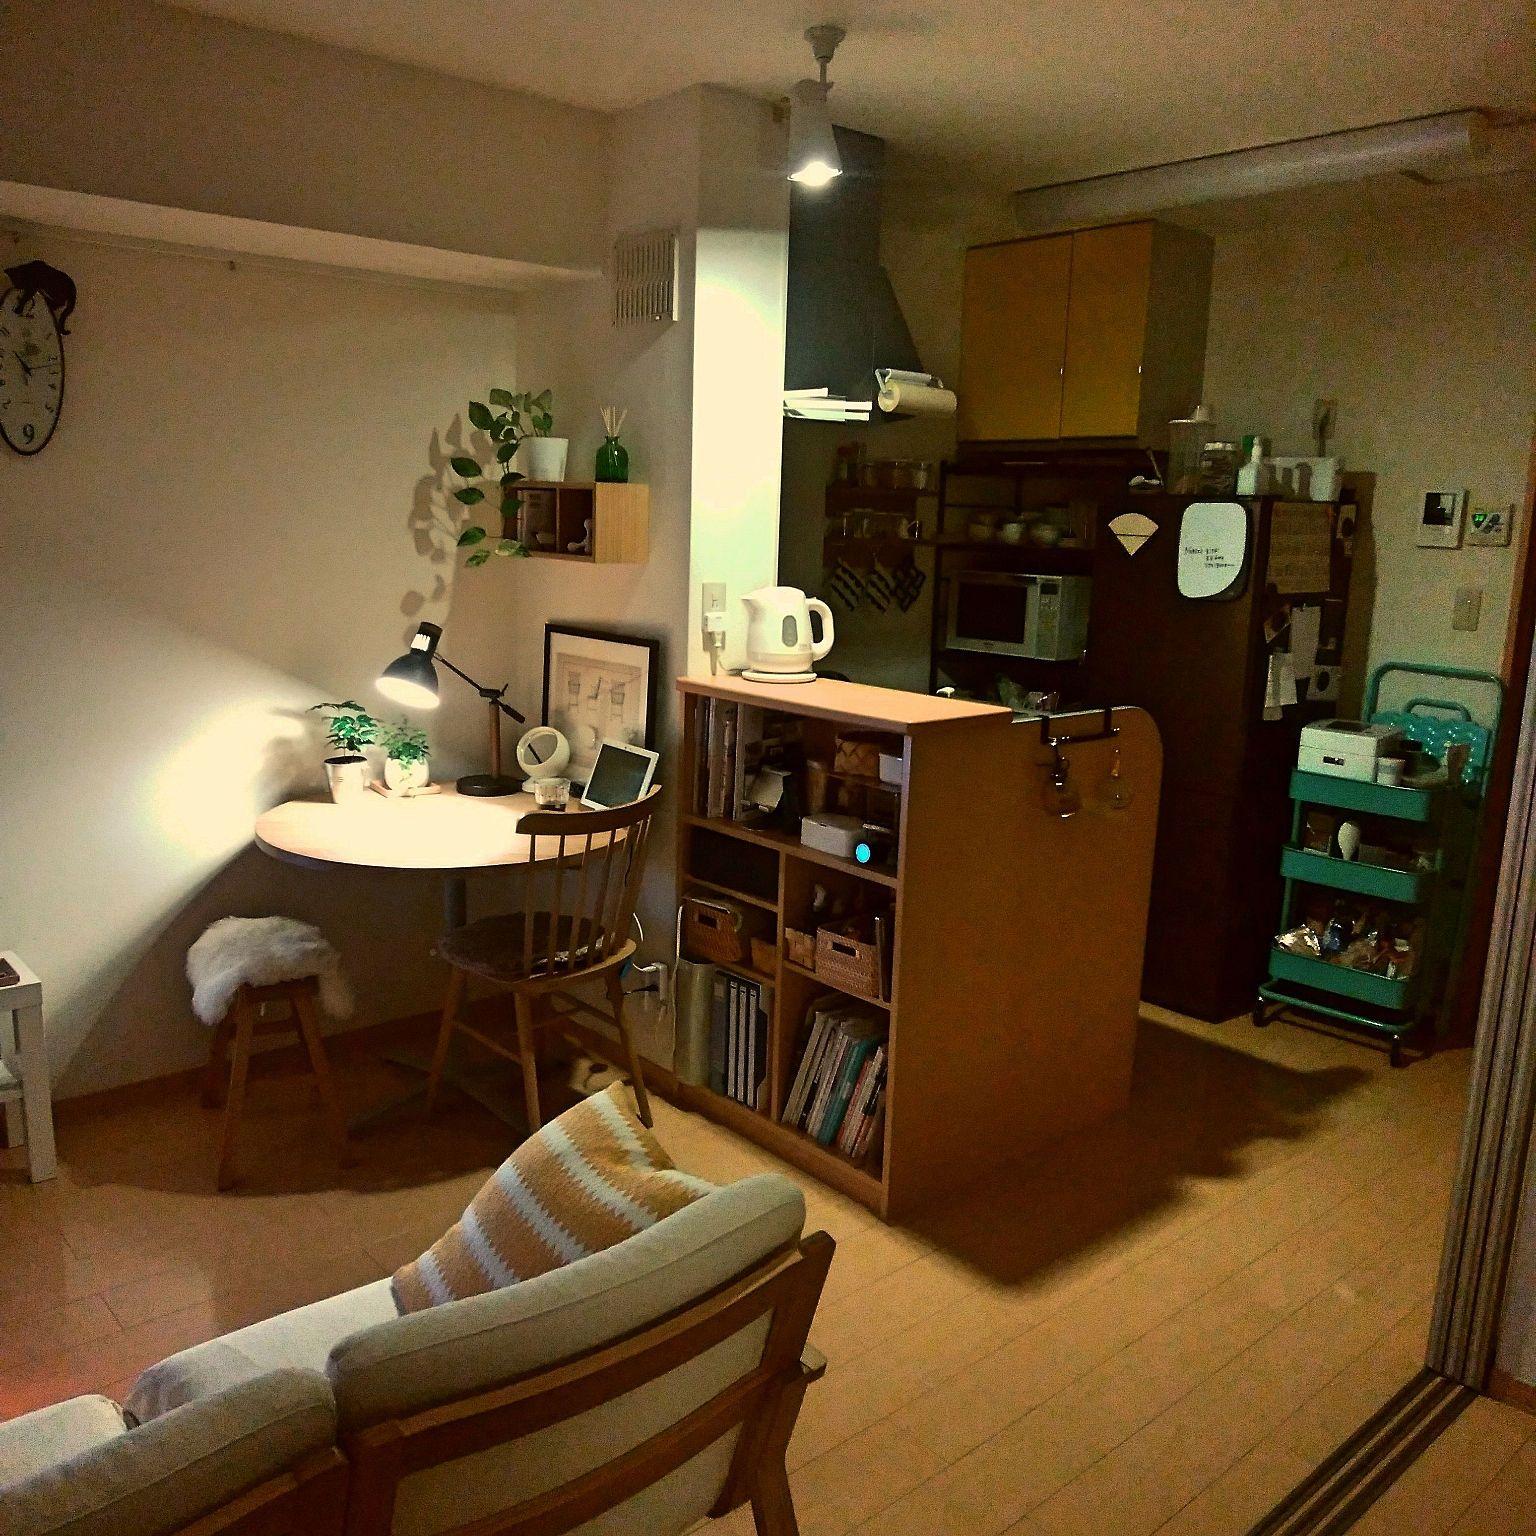 キッチン ひとり暮らし ワンルーム 狭い部屋 一人暮らし などの